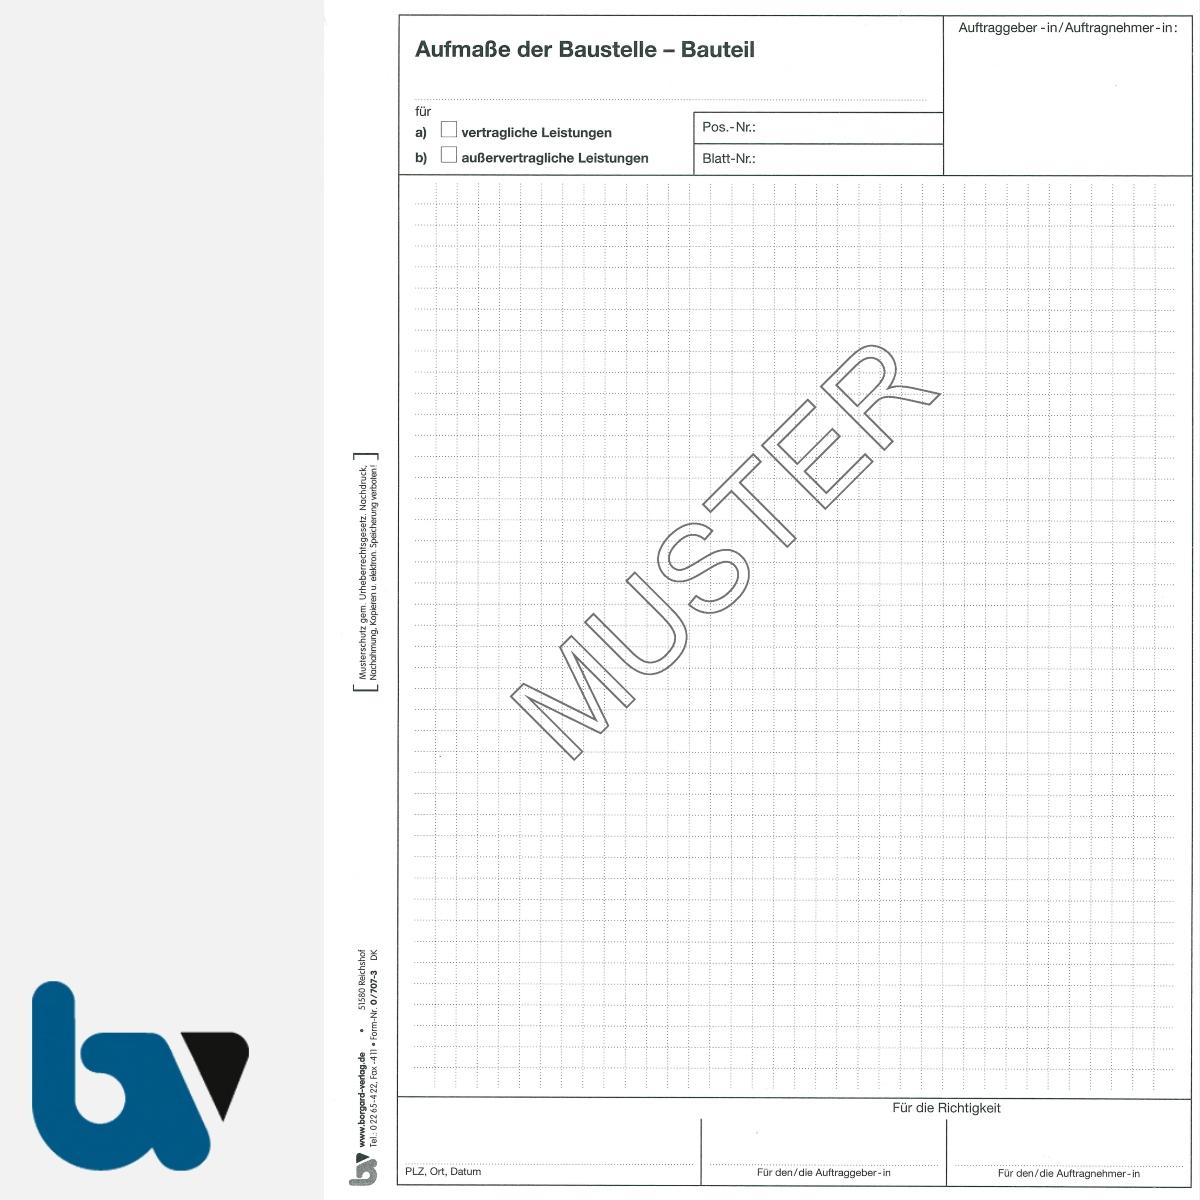 0/707-3 Bauaufmassblock Baustelle Bauteil selbstdurchschreibend Einschlagdeckel Durchschreibeschutz Schreibschutzdeckel perforiert DIN A4 Seite 1 | Borgard Verlag GmbH